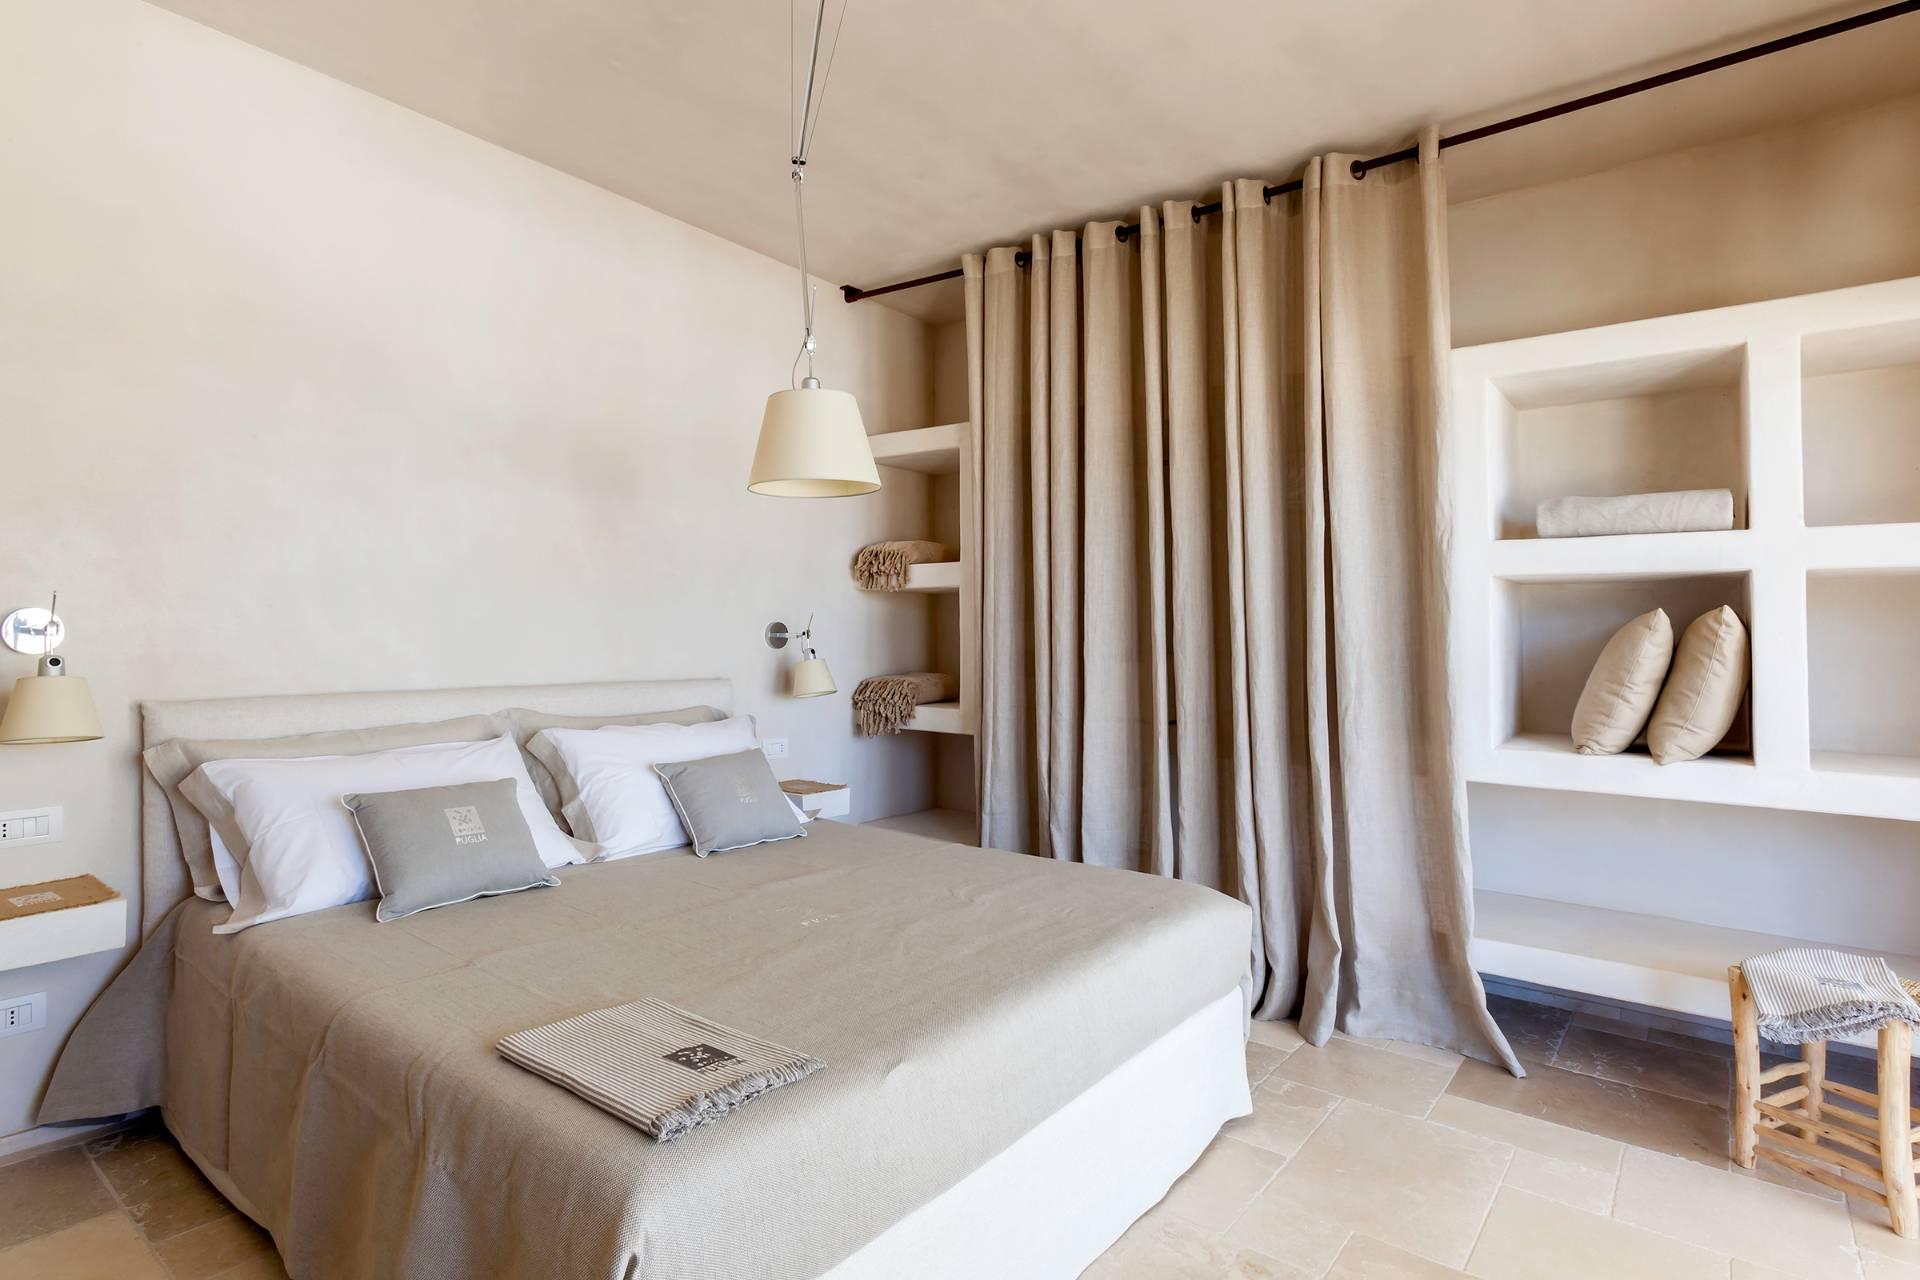 Villa in Vendita a Carovigno: 5 locali, 200 mq - Foto 5